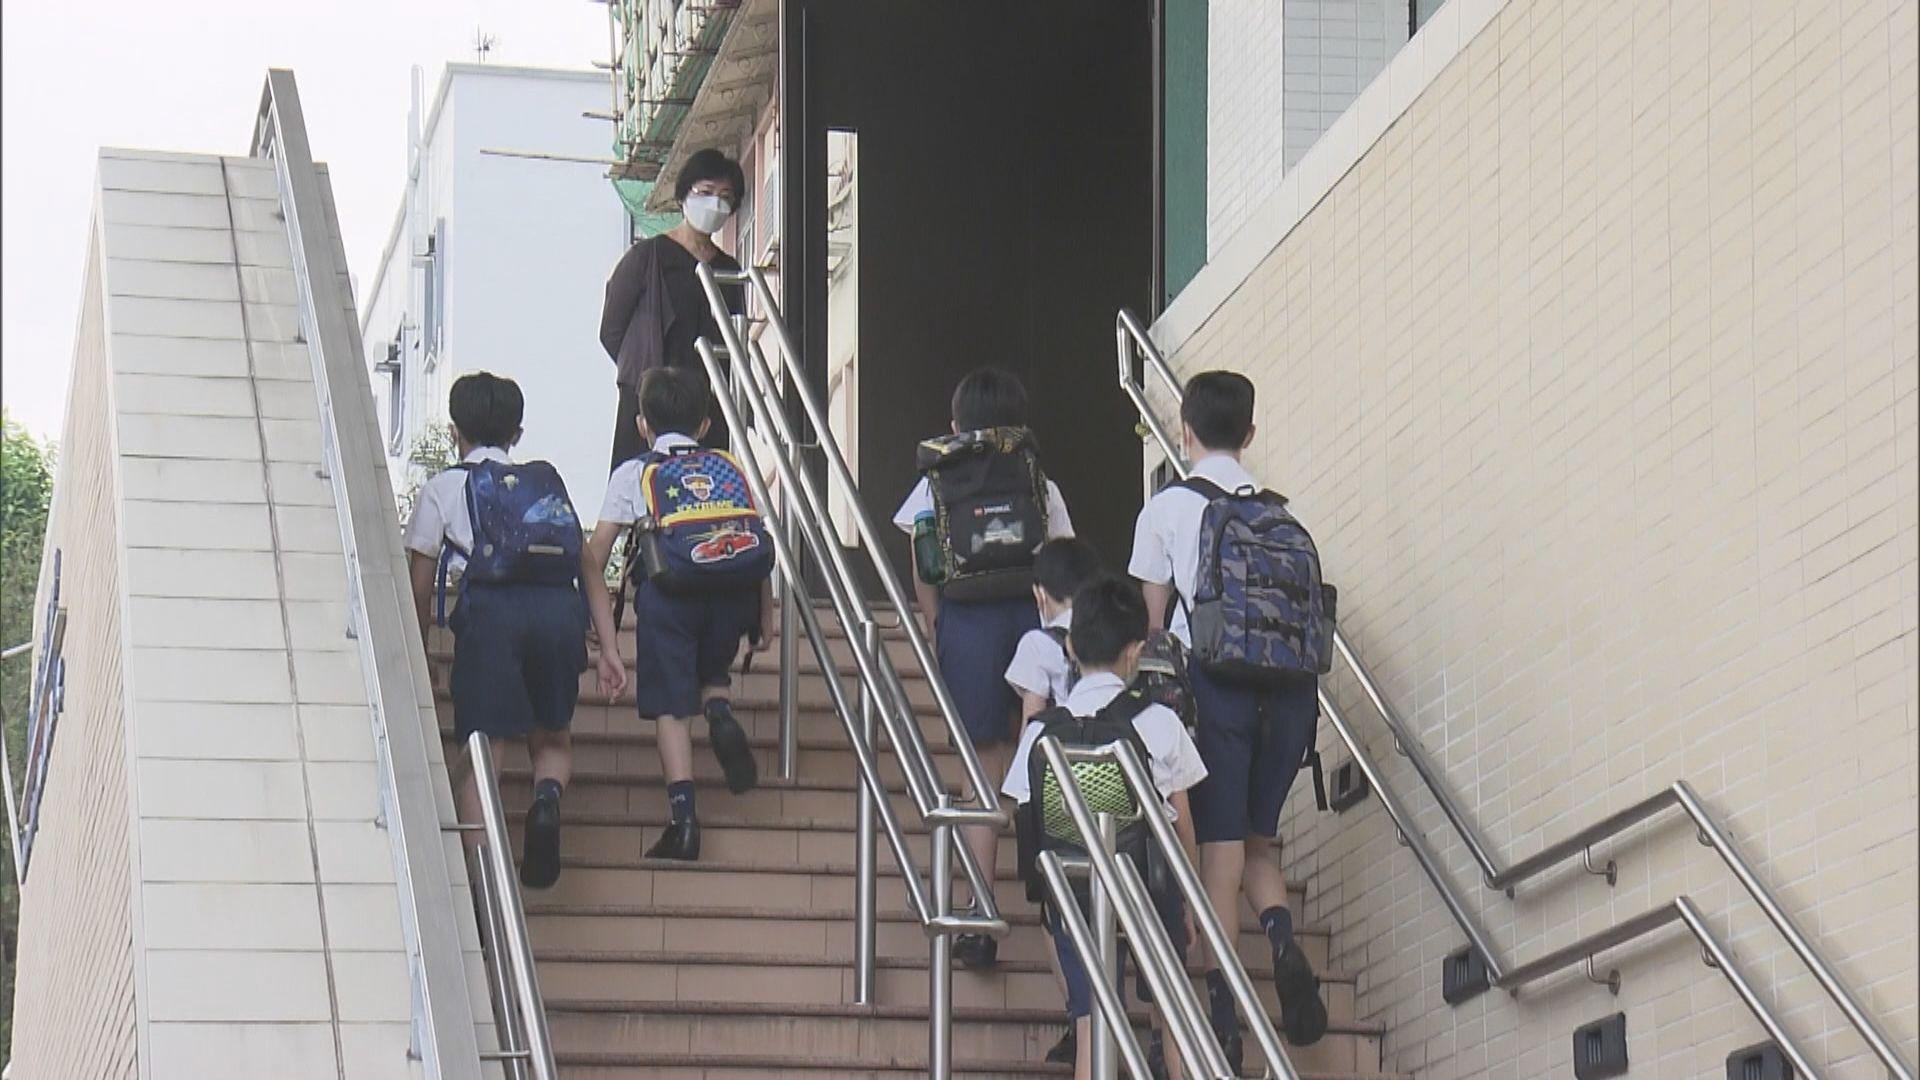 楊潤雄:即使學生不贊成港獨 不代表課程沒問題